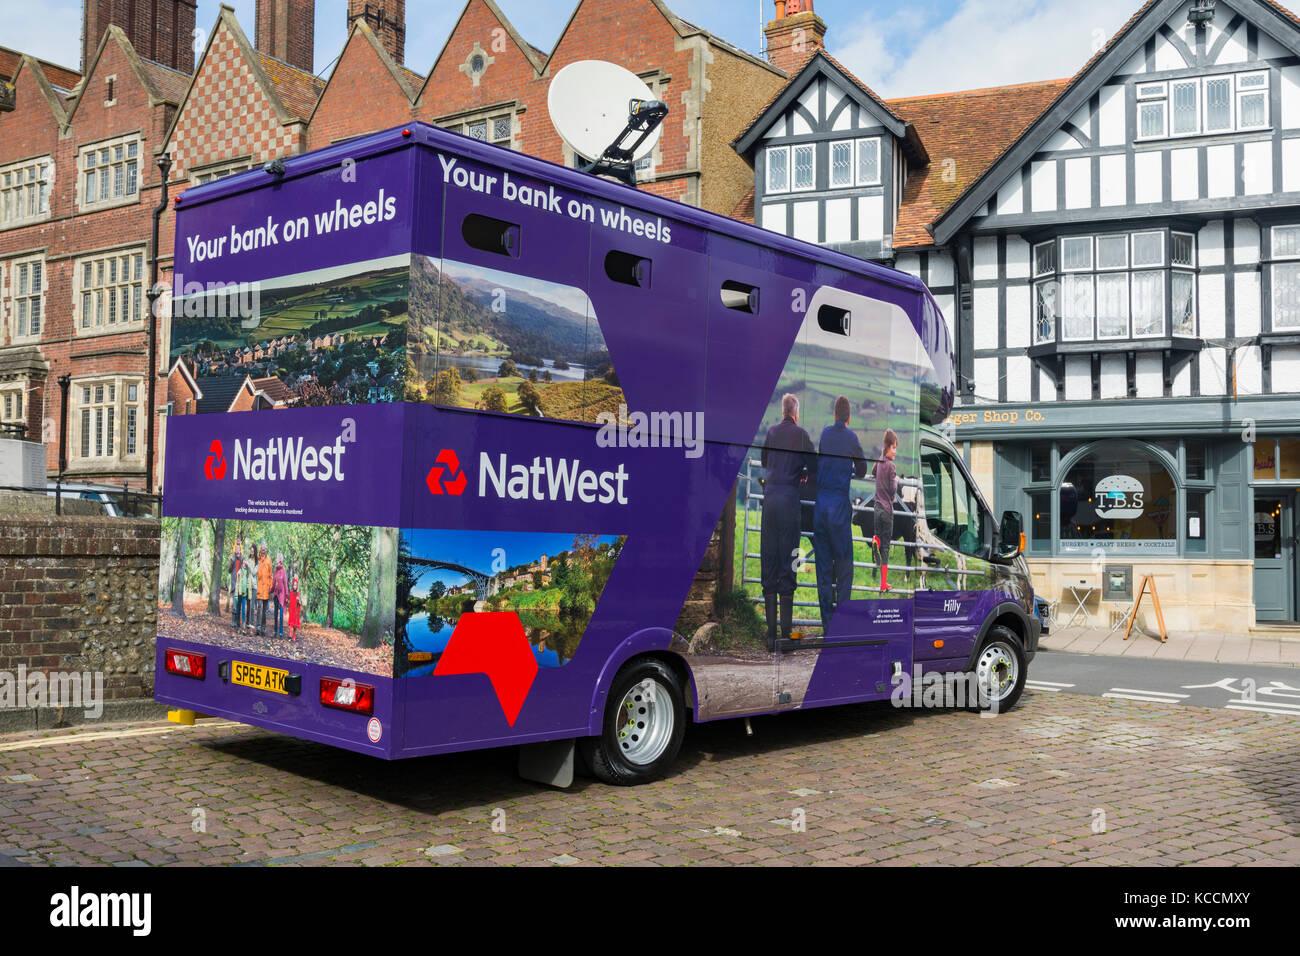 Banca NetWest su ruote van per il mobile banking in Arundel, West Sussex, in Inghilterra, Regno Unito. Immagini Stock